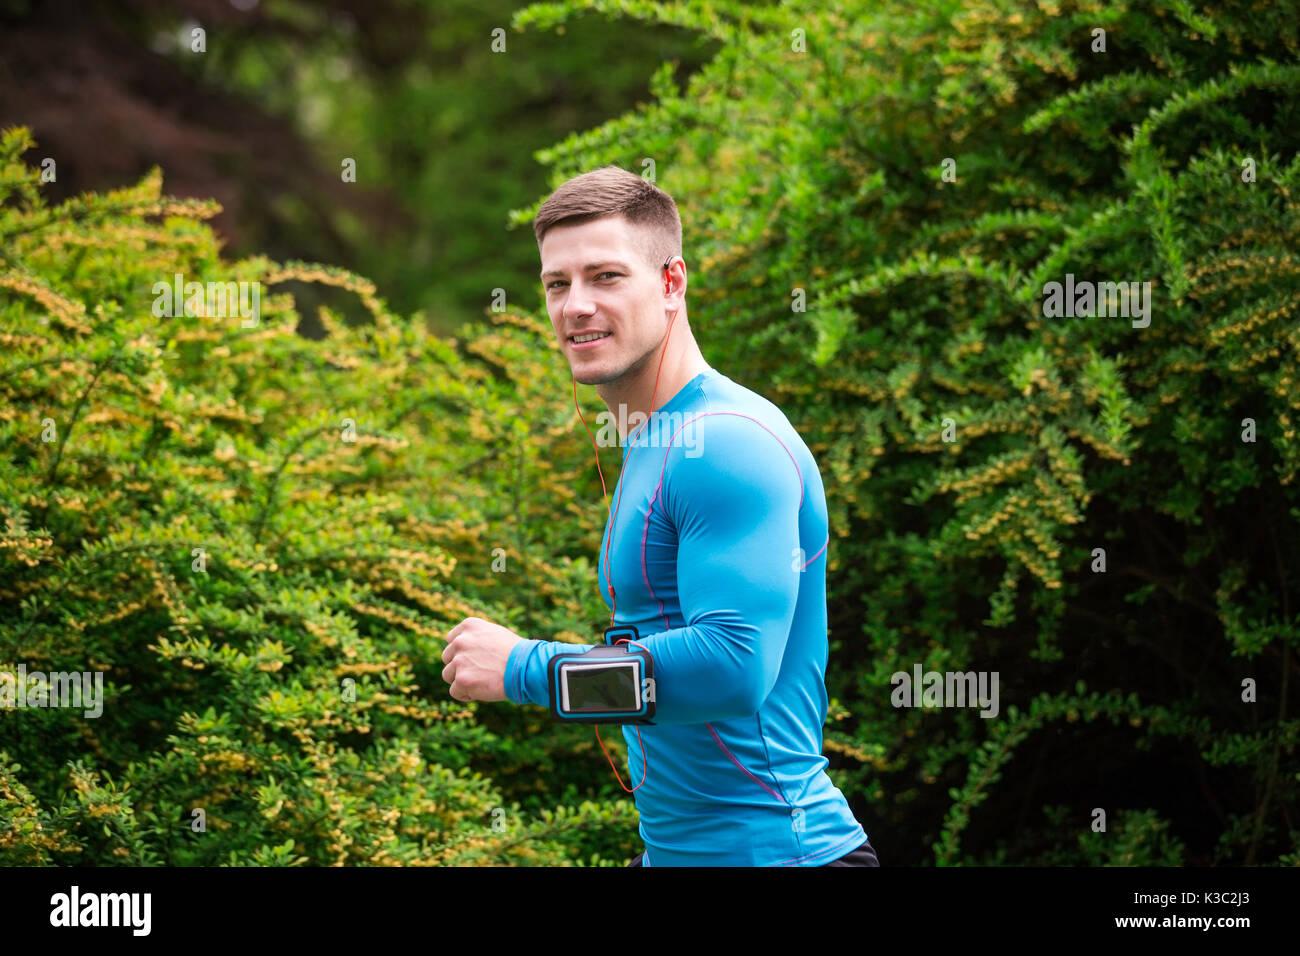 Una foto di giovani, ben costruito uomo jogging al parco. Immagini Stock